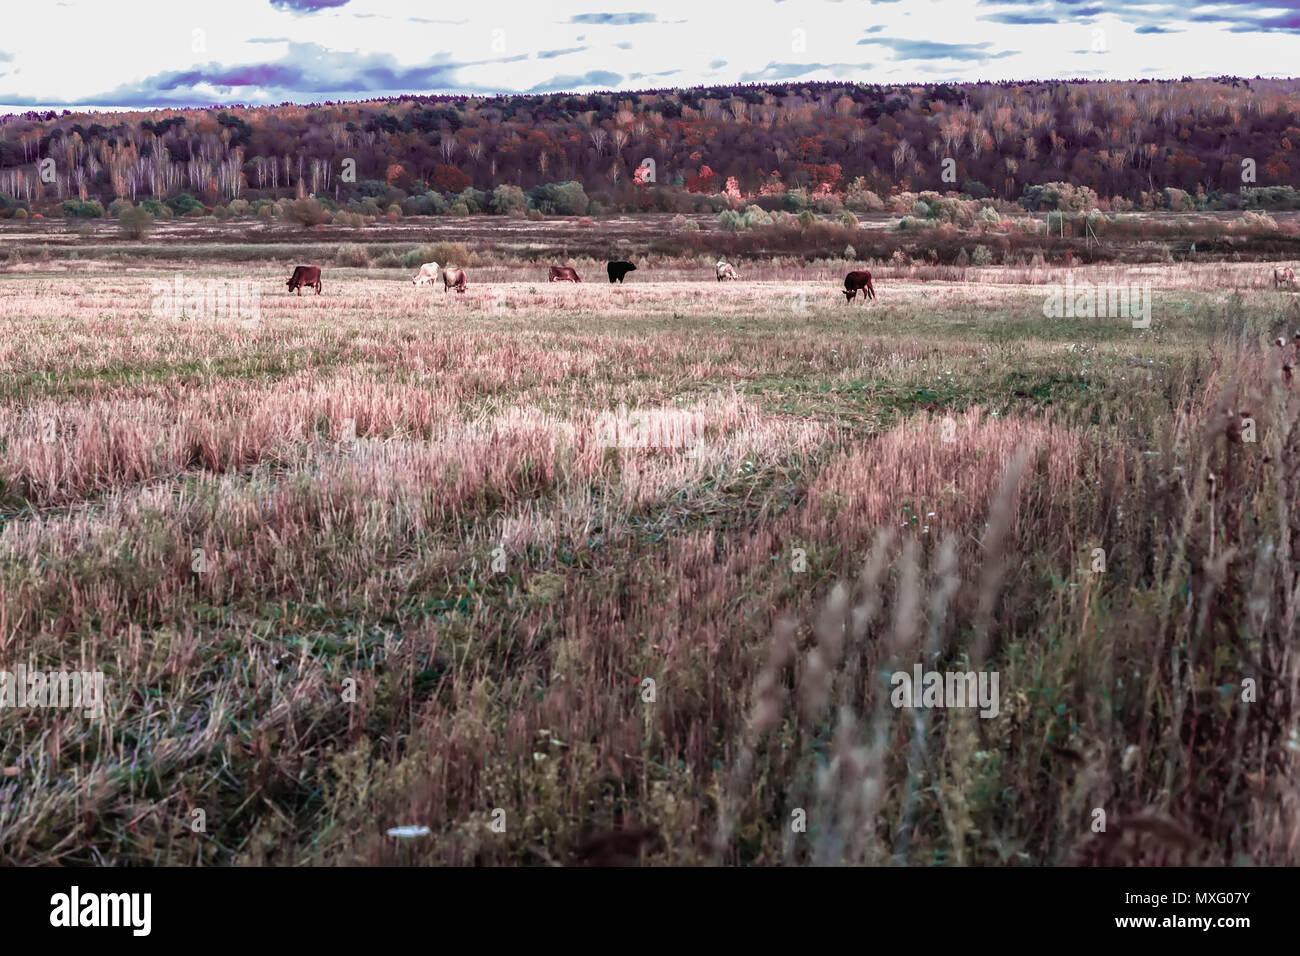 Malerischer Herbst rustikale Landschaft, weidende Kühe, Feld, Wiese auf dem Hintergrund von Wald. Sonnigen Tag auf dem Land. Stockbild